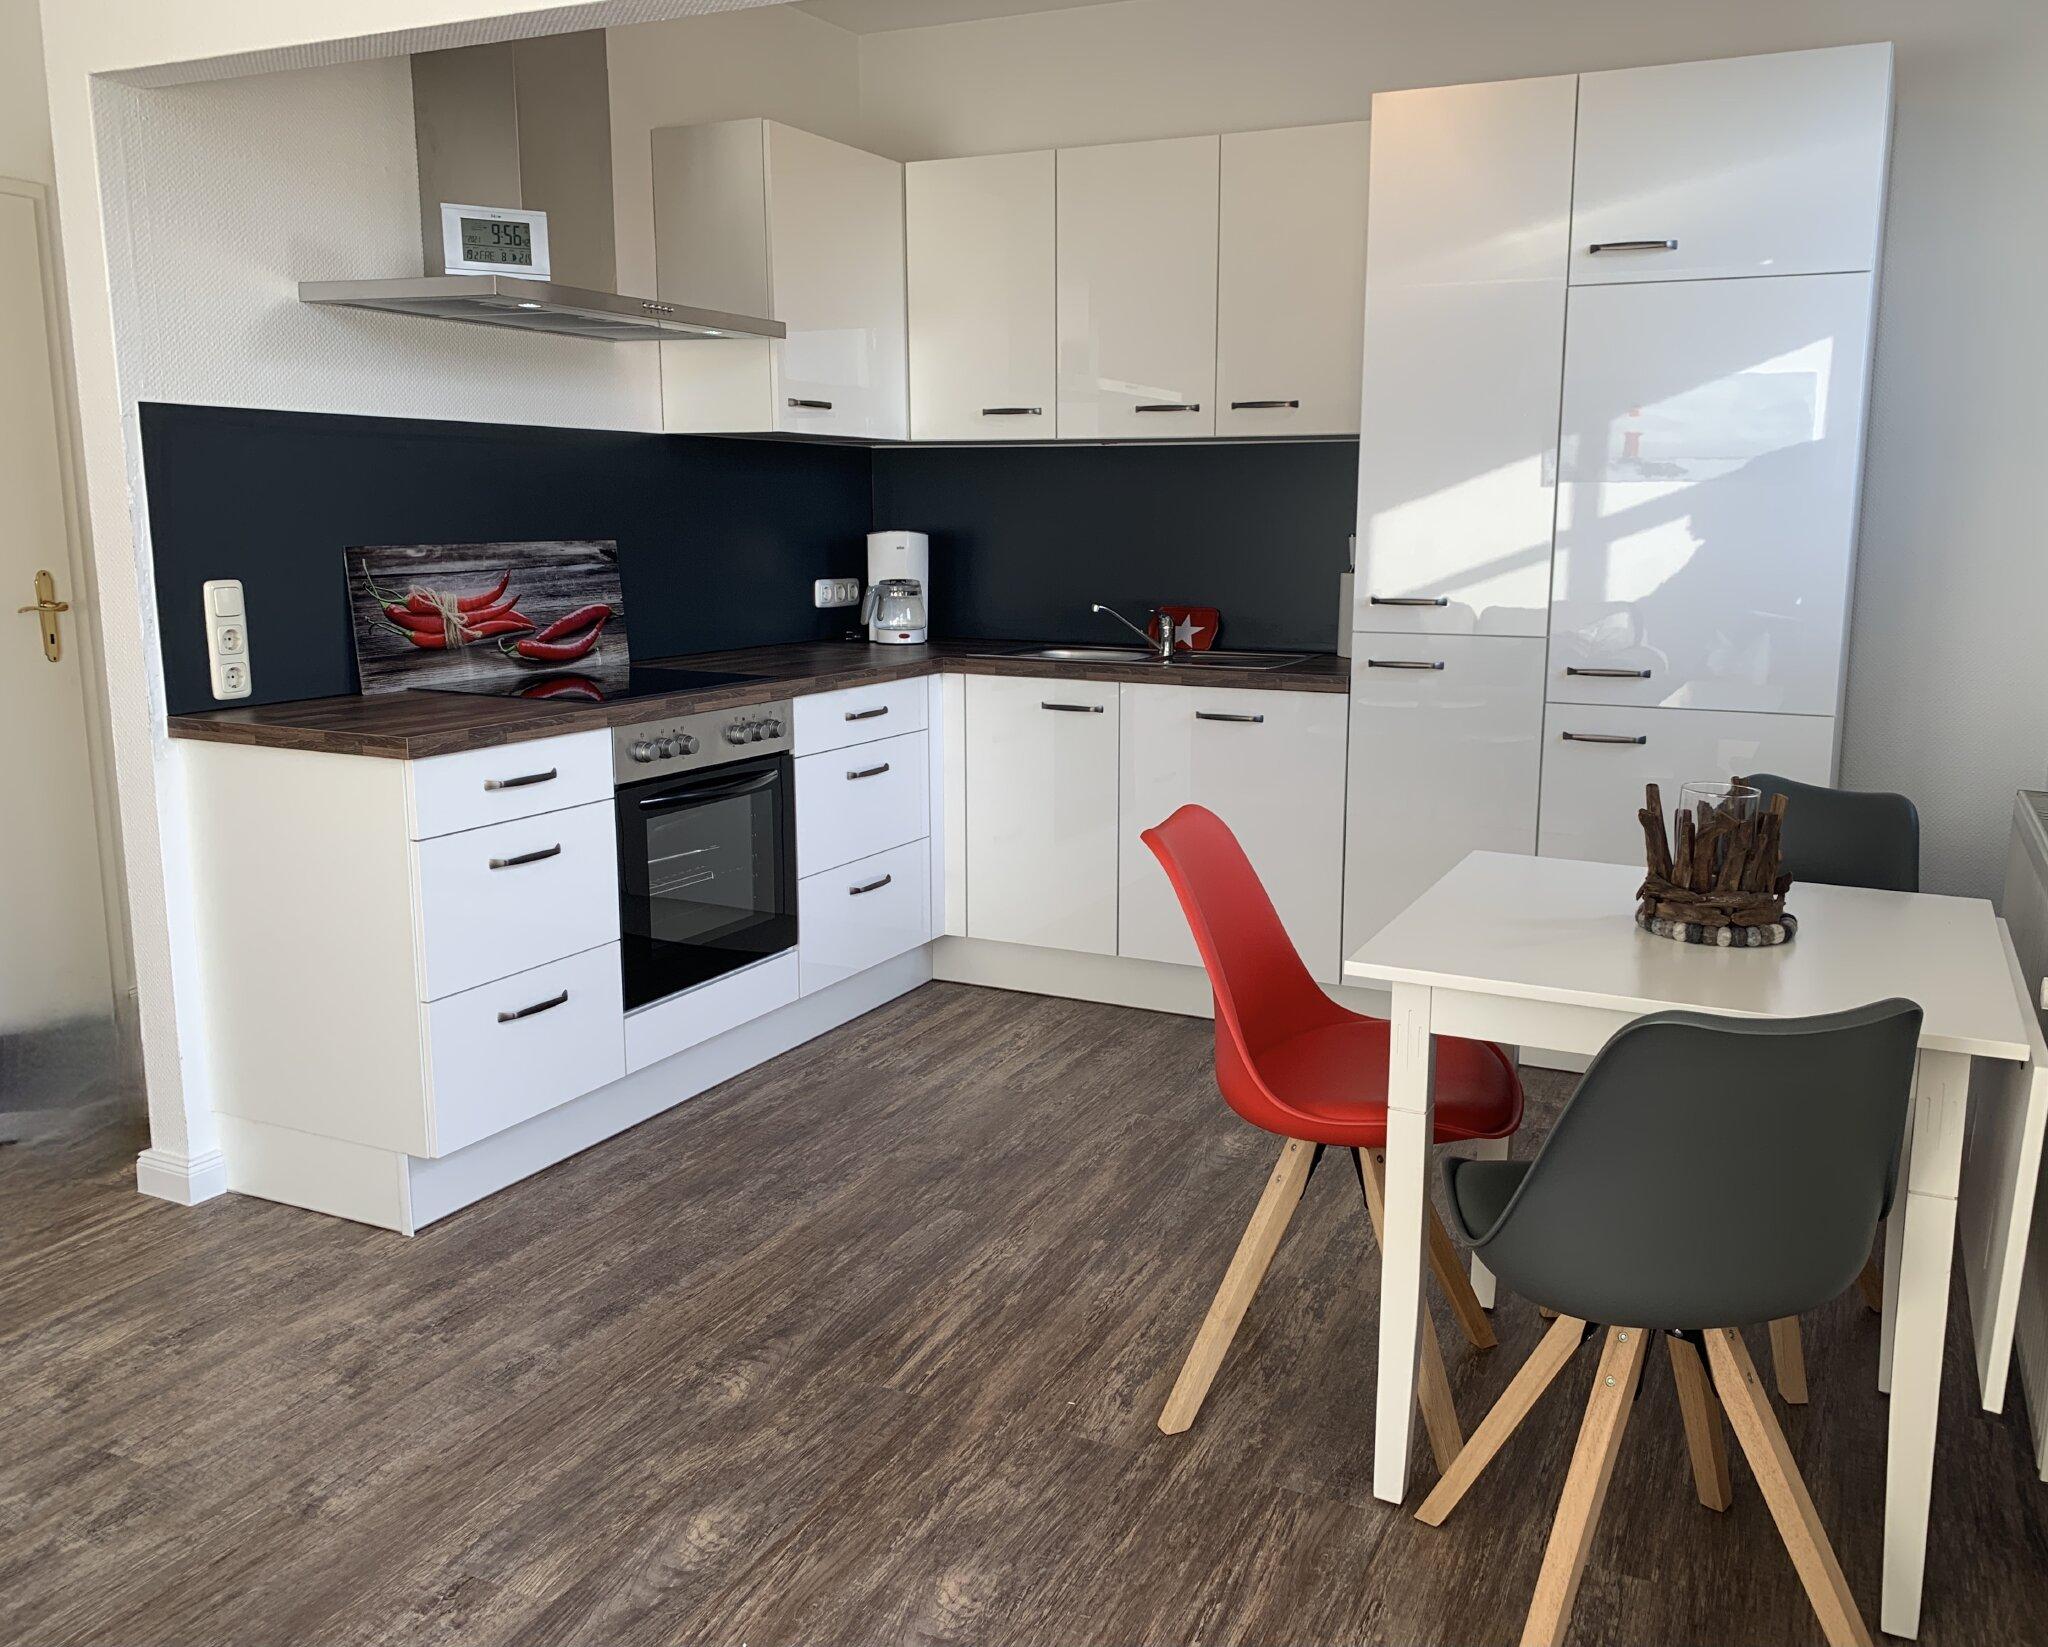 Wohnzimmer mit Flatscreen